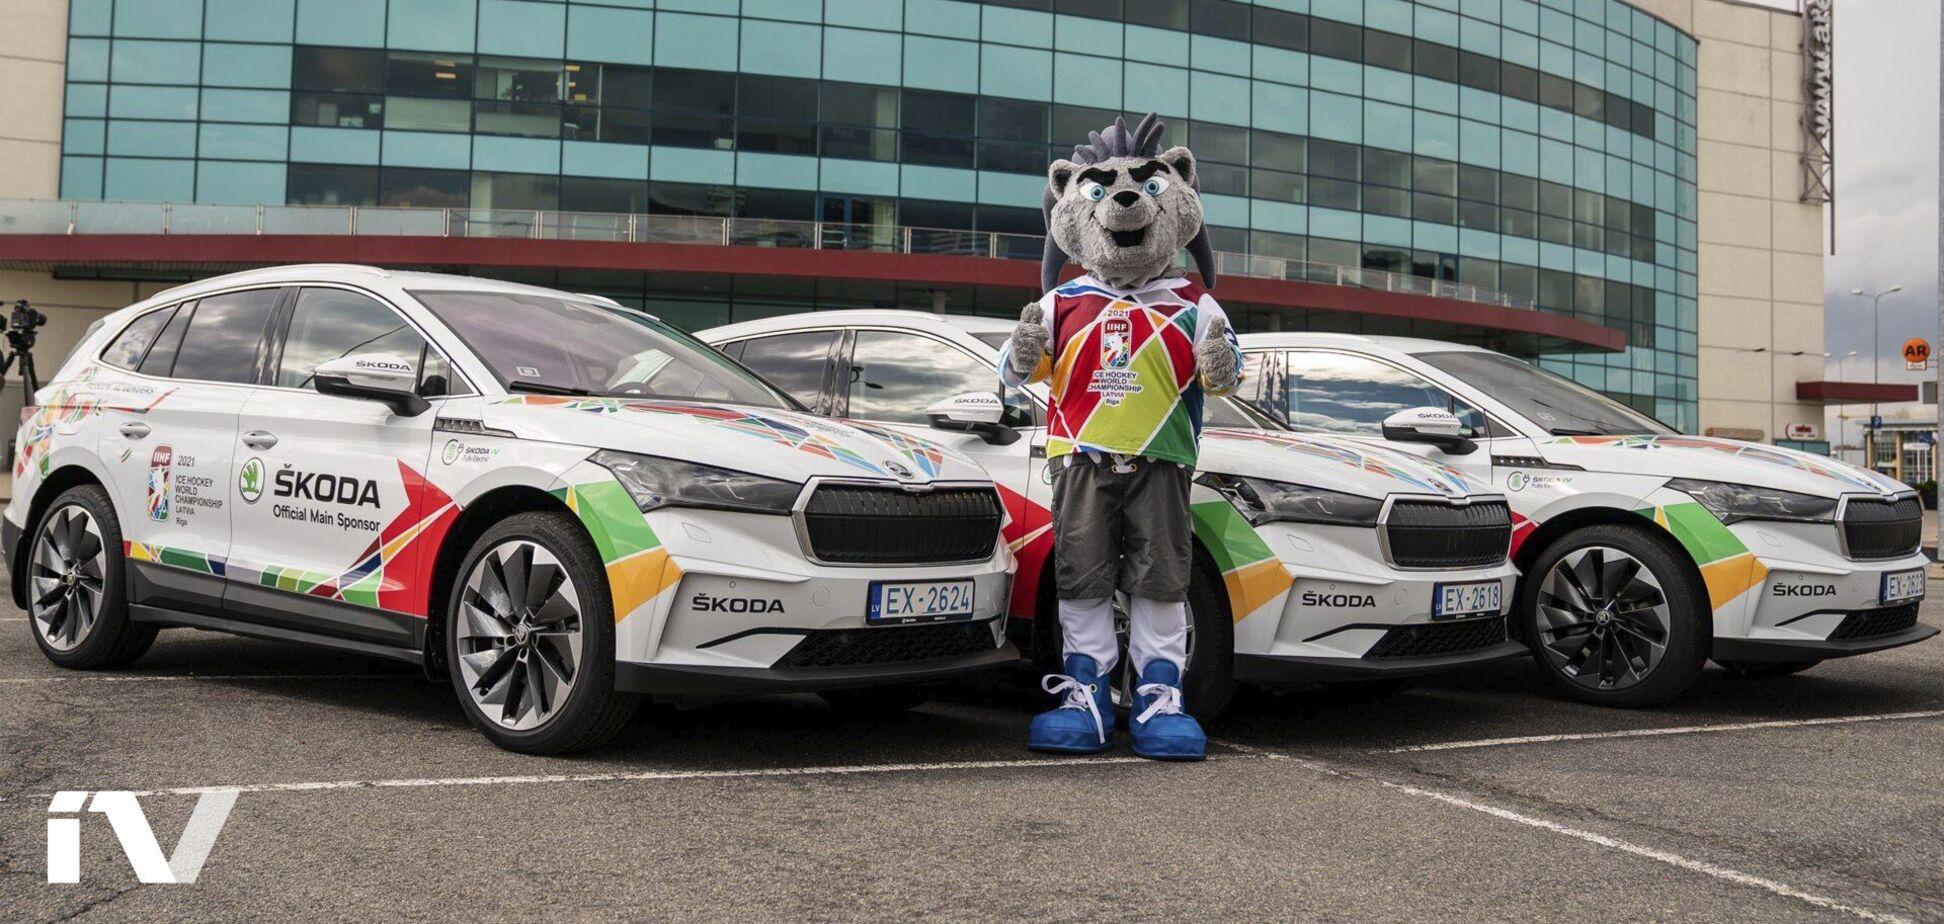 Skoda стане генеральним спонсором Чемпіонату світу з хокею